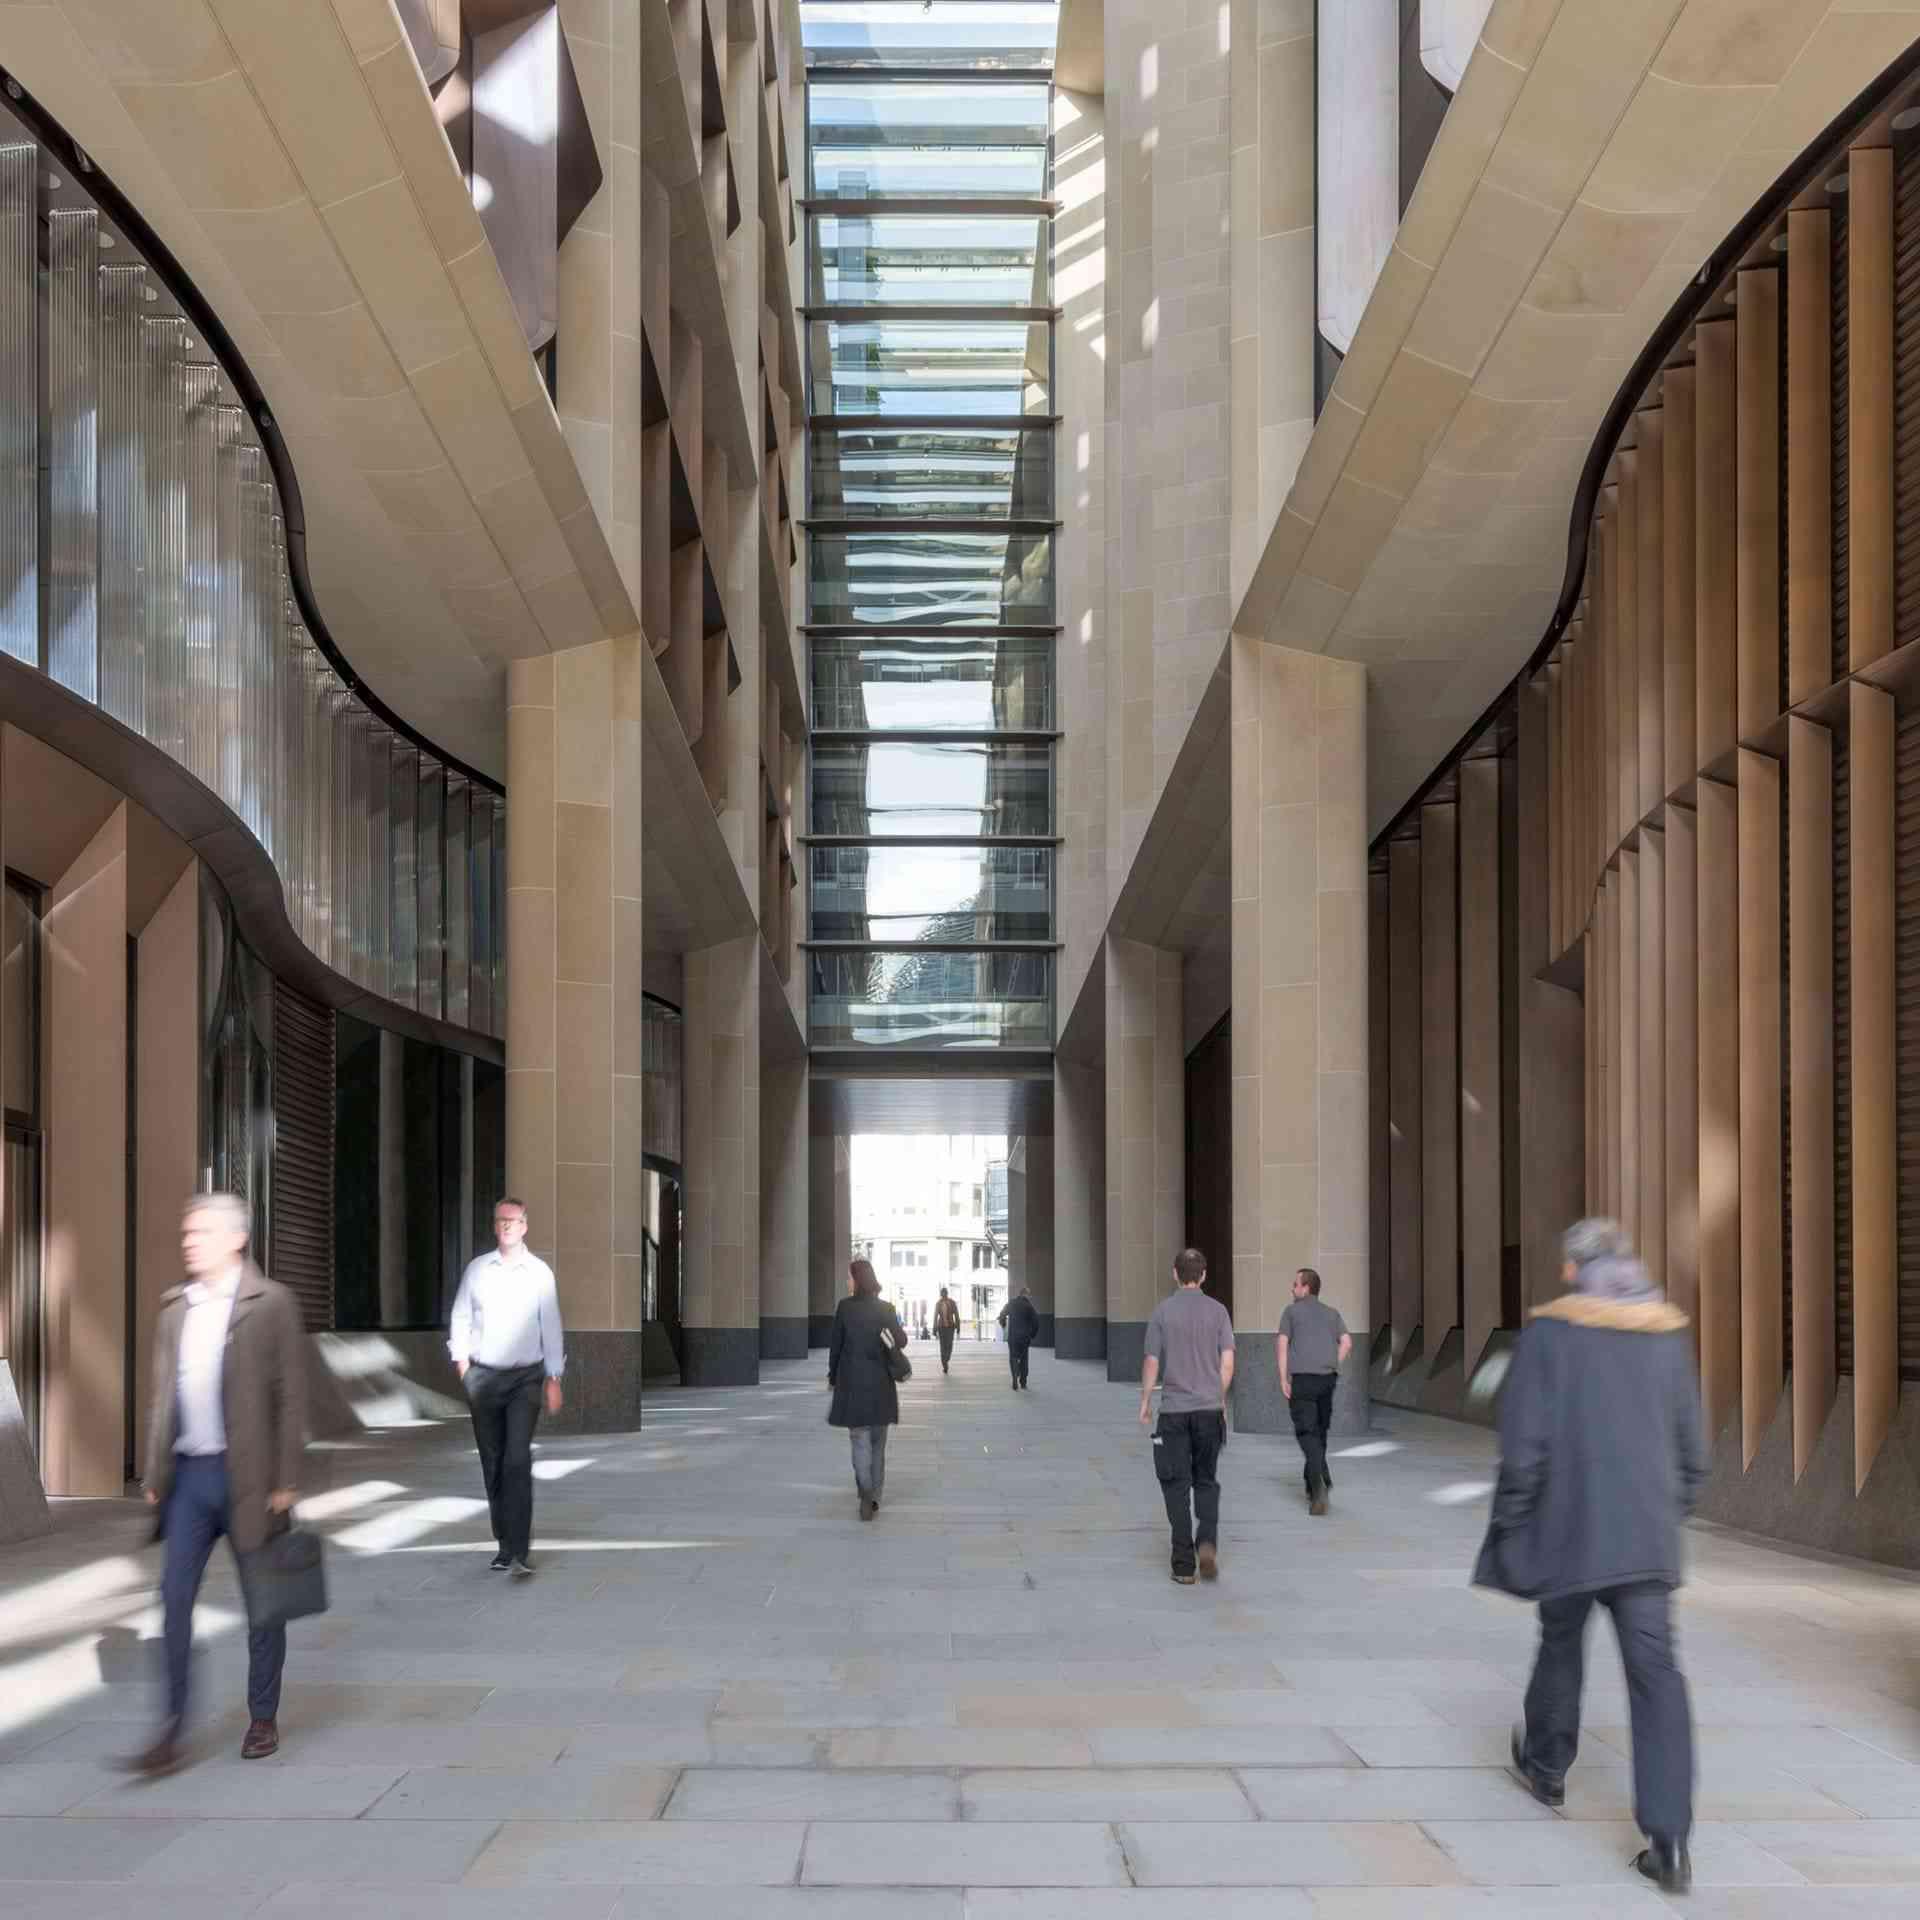 Bloomberg walkway